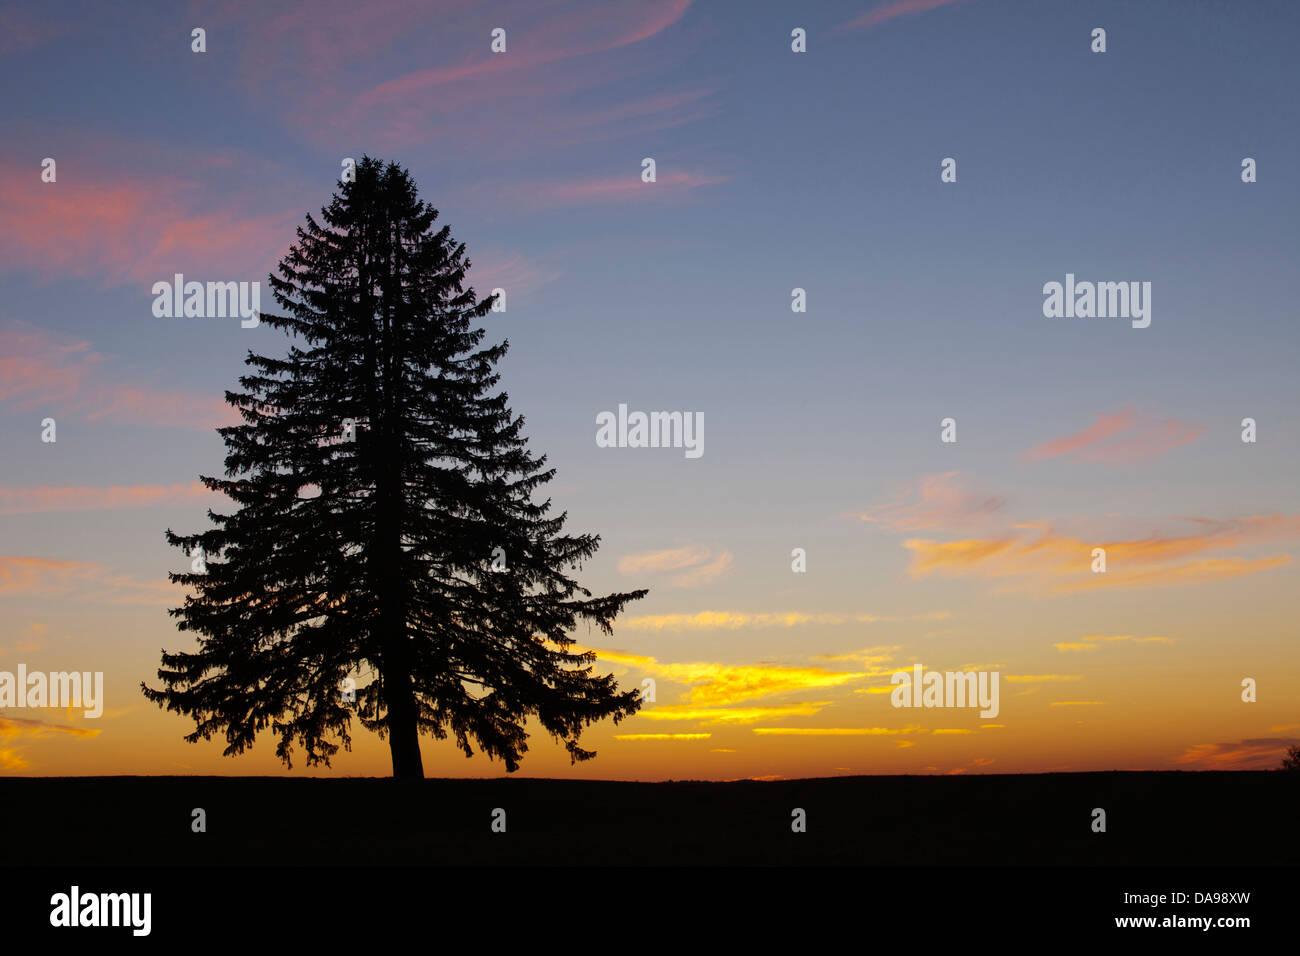 SINGLE LONE PINE FIR TREE SILHOUETTE - Stock Image